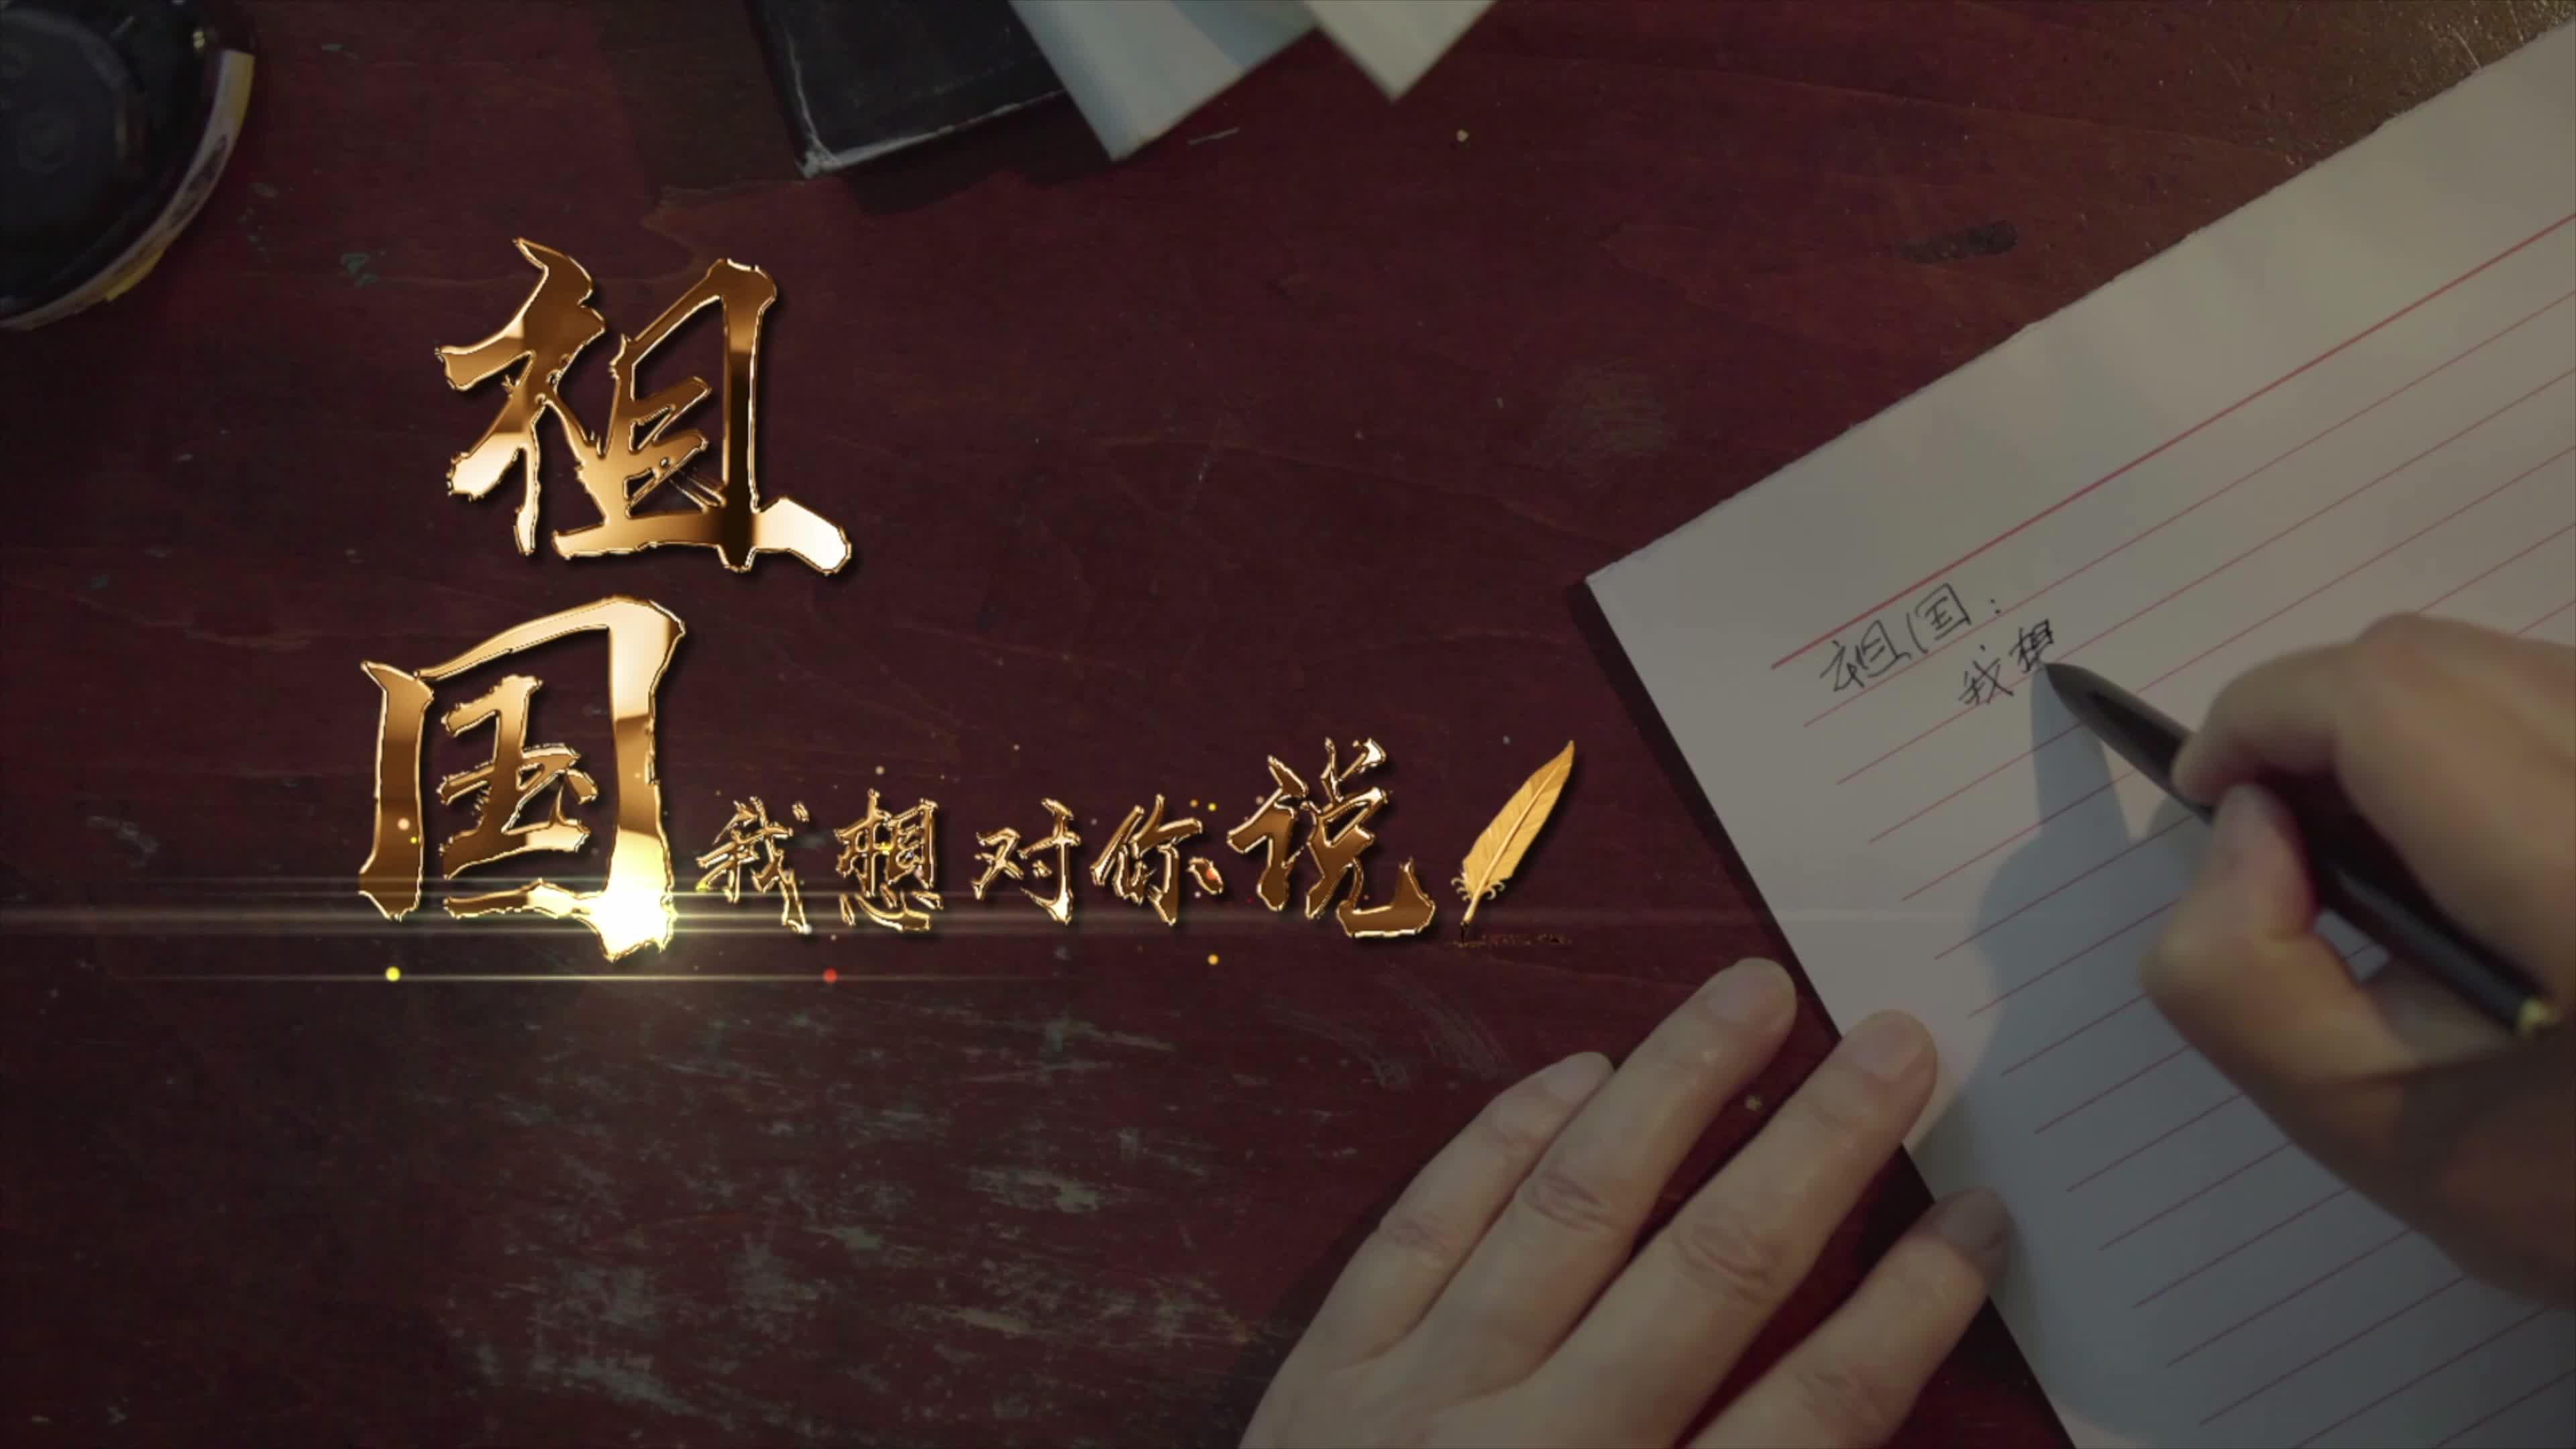 「诗文故事传秦域 快板说书洒九州」著名快板表演艺术家 刘文龙写给祖国的一封信